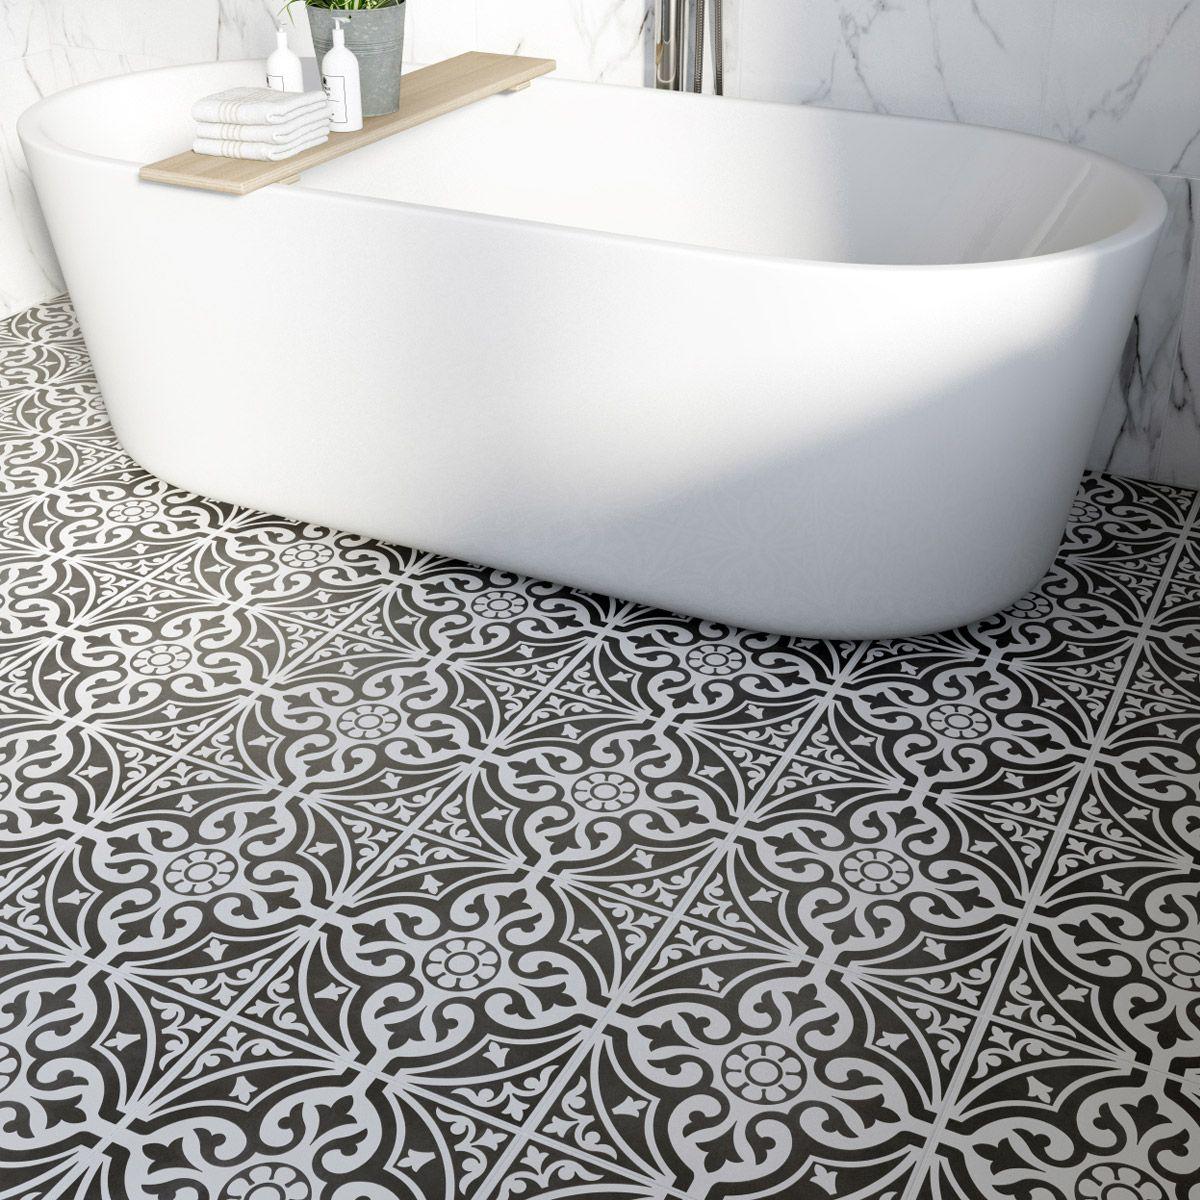 British Ceramic Tile Victoriana Feature Black Matt Tile 331mm X 331mm Best Bathroom Flooring Amazing Bathrooms Tiles Uk